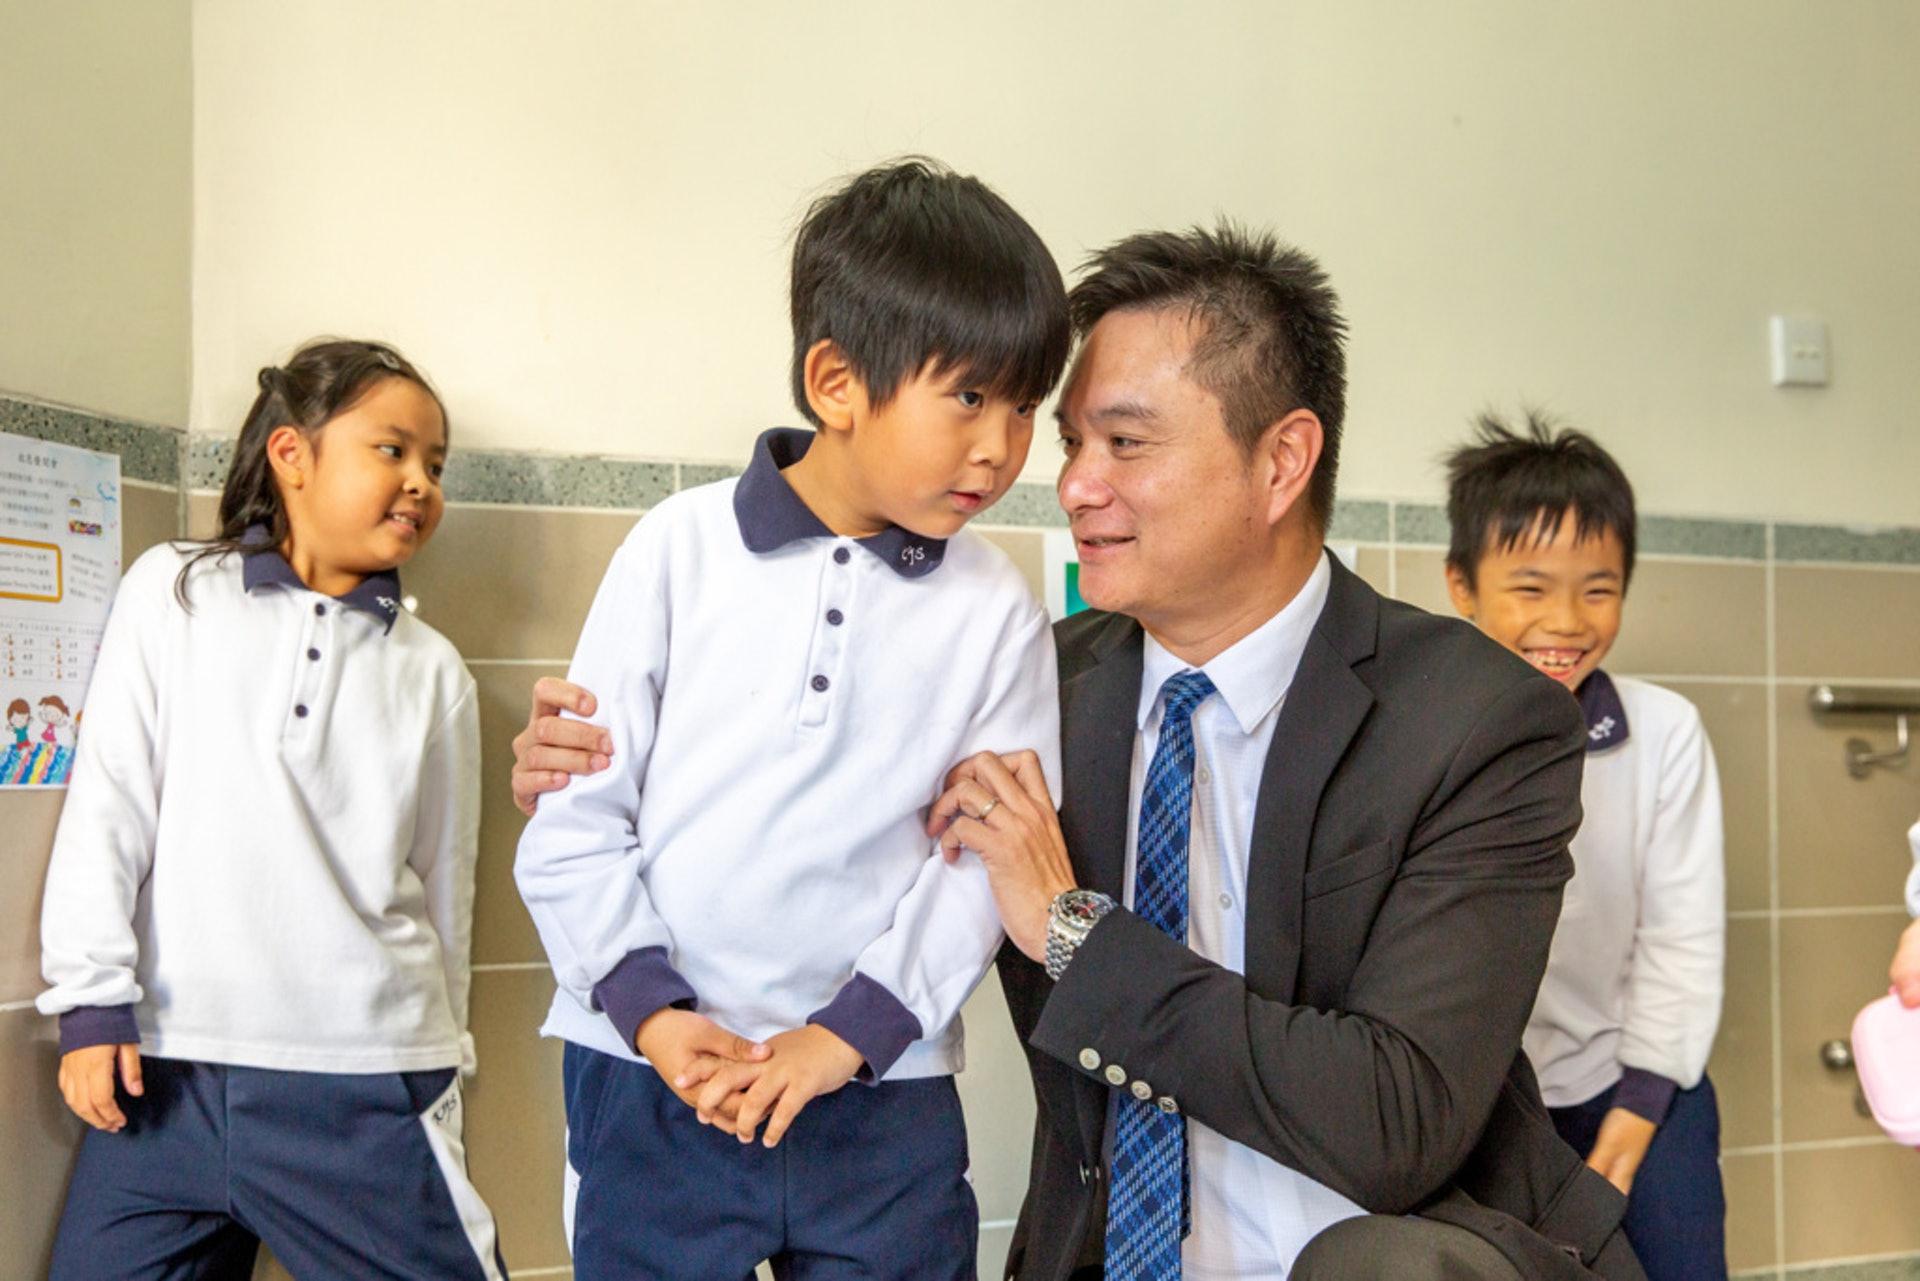 林校長和學生之間擁有良好的關係。